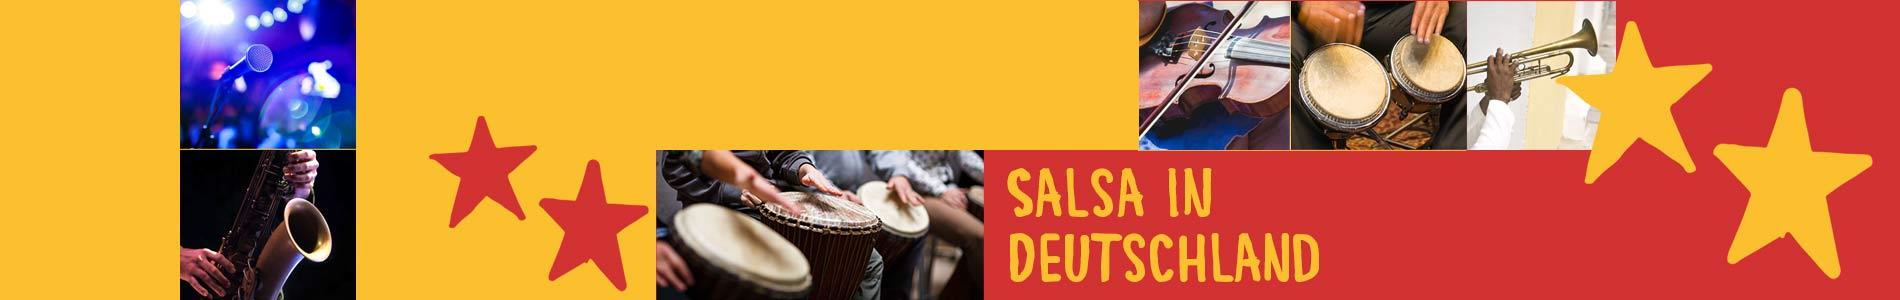 Salsa in Boxberg – Salsa lernen und tanzen, Tanzkurse, Partys, Veranstaltungen